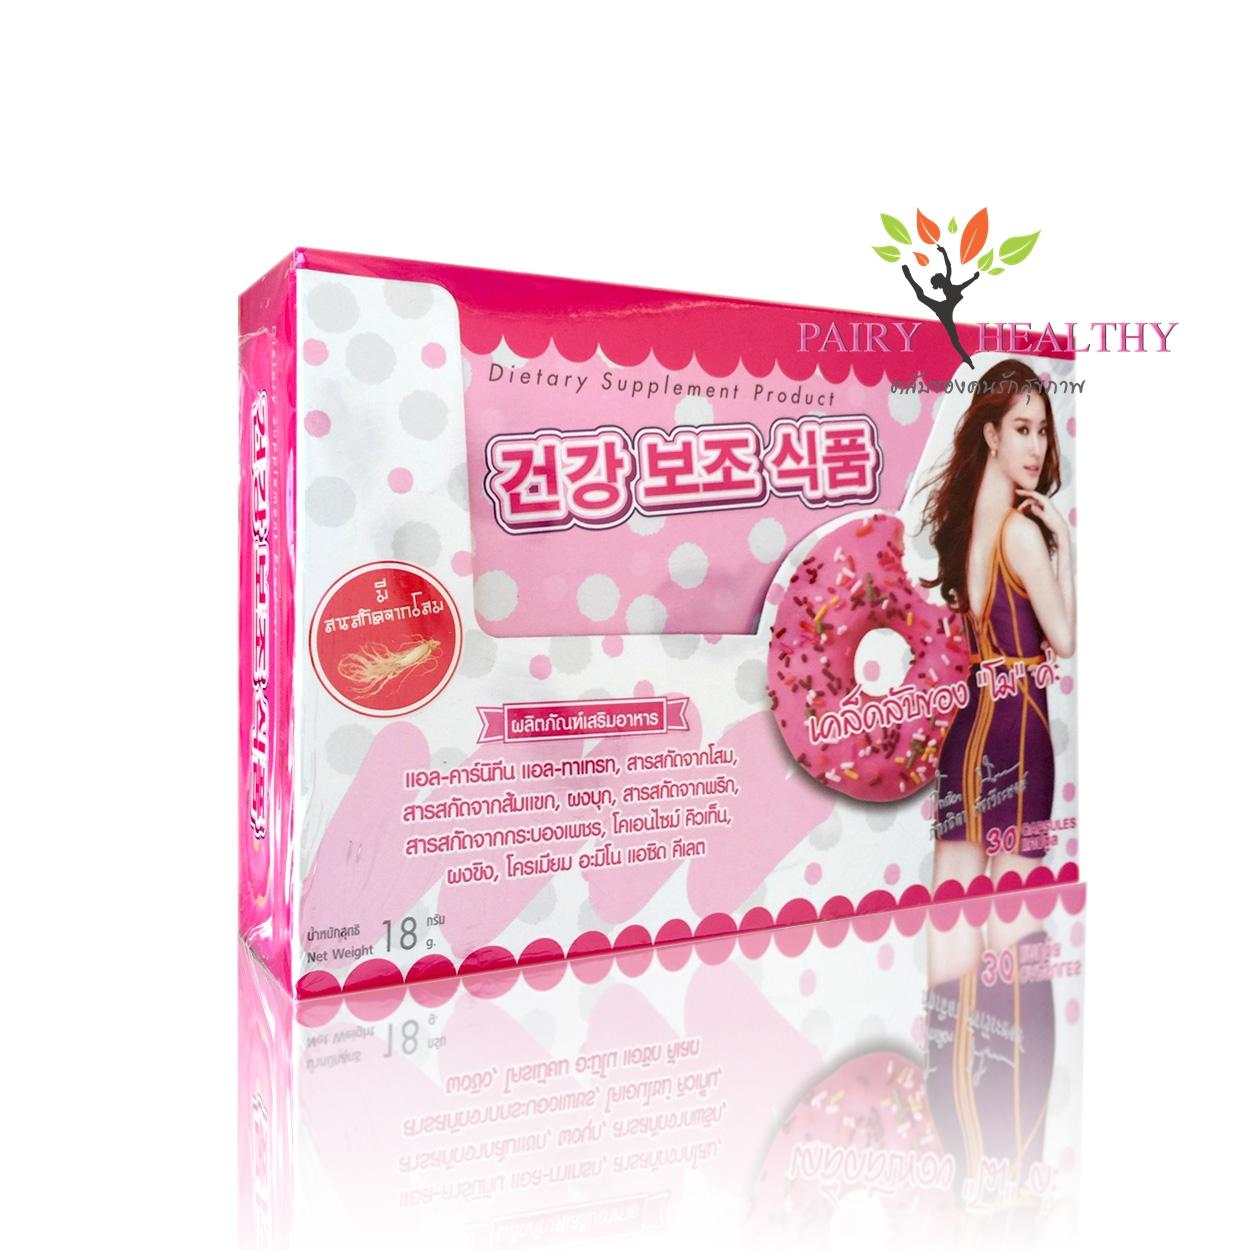 โดนัท เกาหลี พลัส มีสารสกัดจากโสม 30 แคปซูล ราคา 149 บาท ส่งฟรี EMS [ไม่ต้องโอนค่าส่ง]